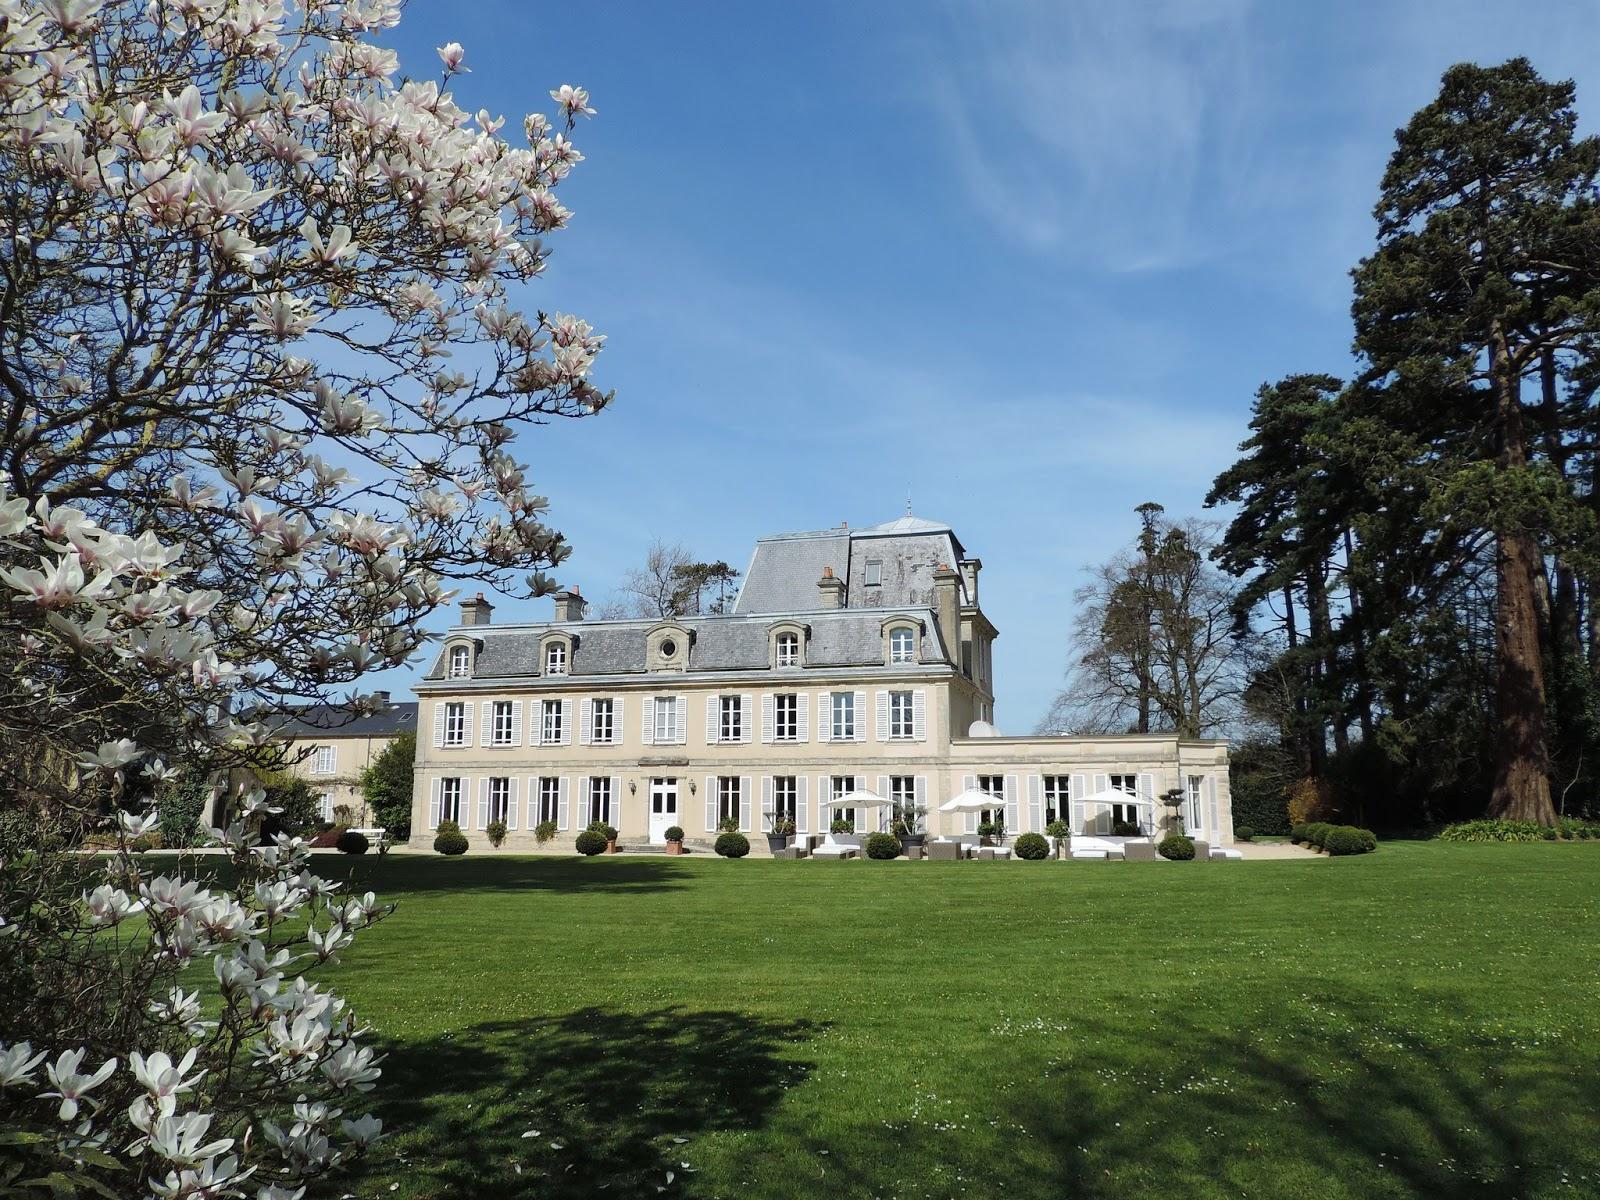 Arabella: Cau la Cheneviere, Normandy, France on